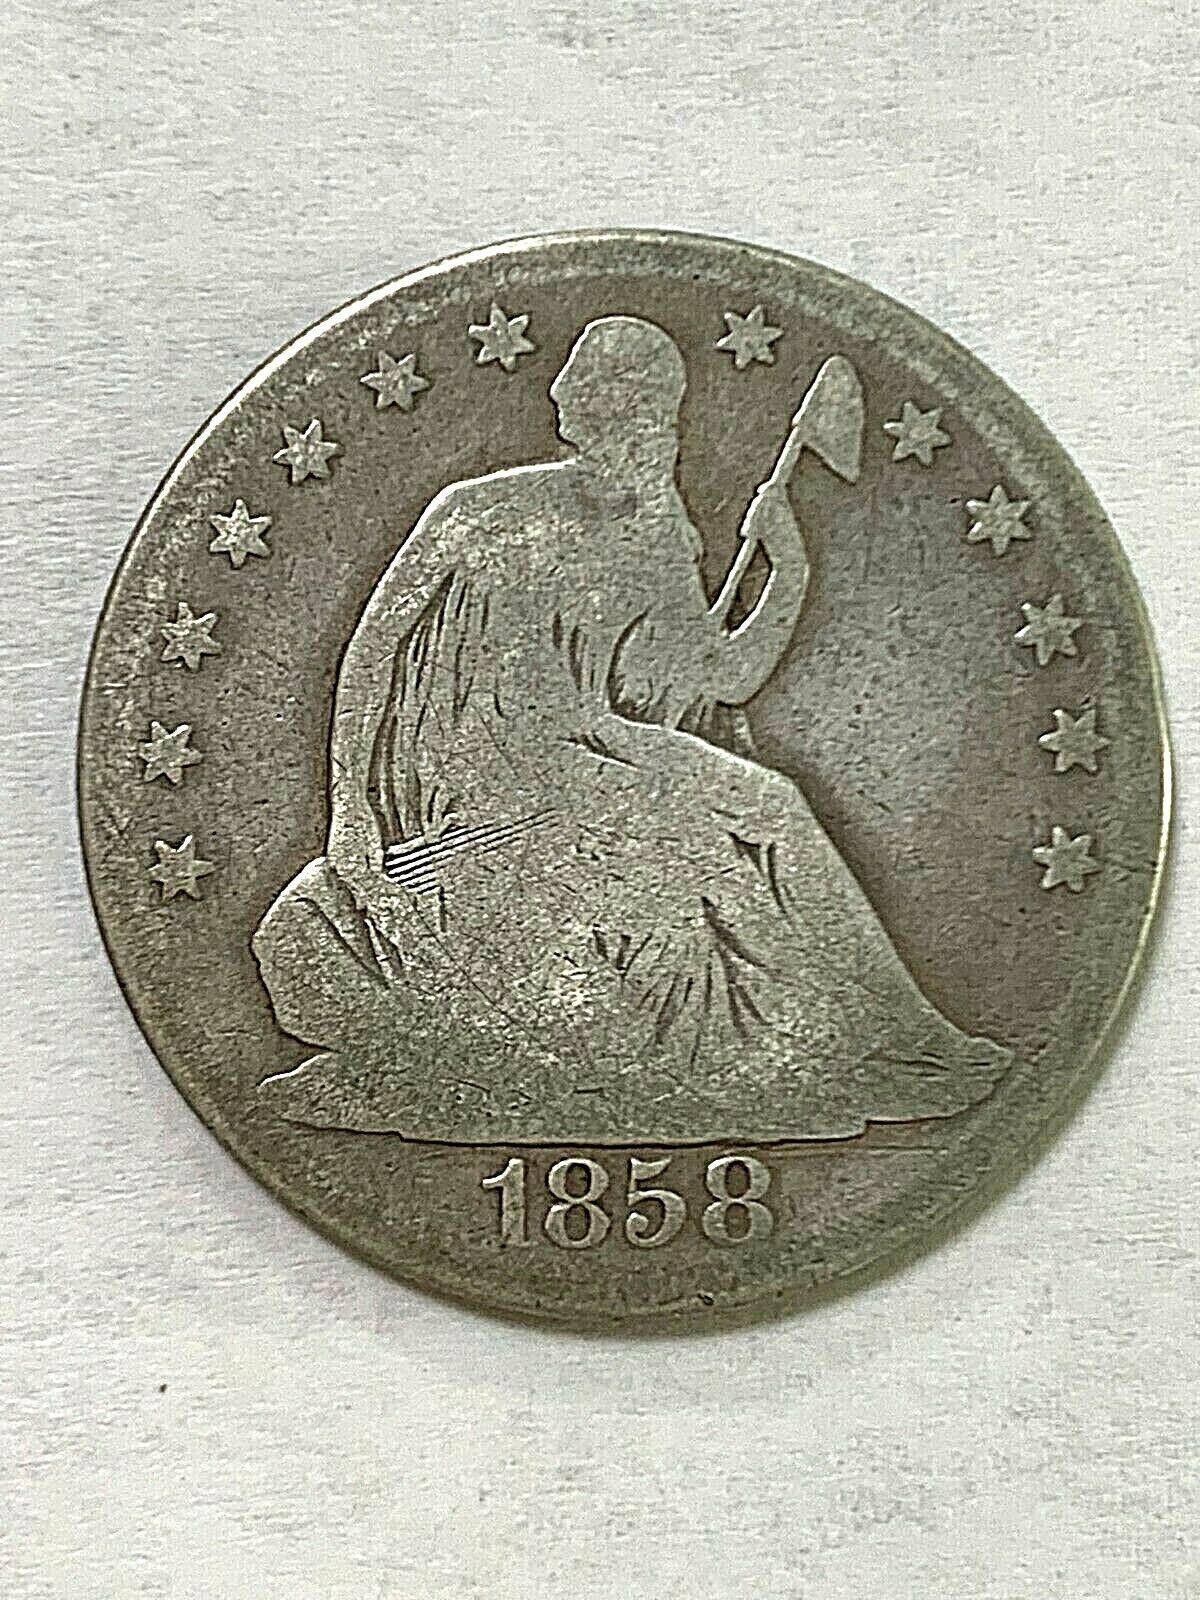 1858-O Liberty Seated Half Dollar  - $49.99